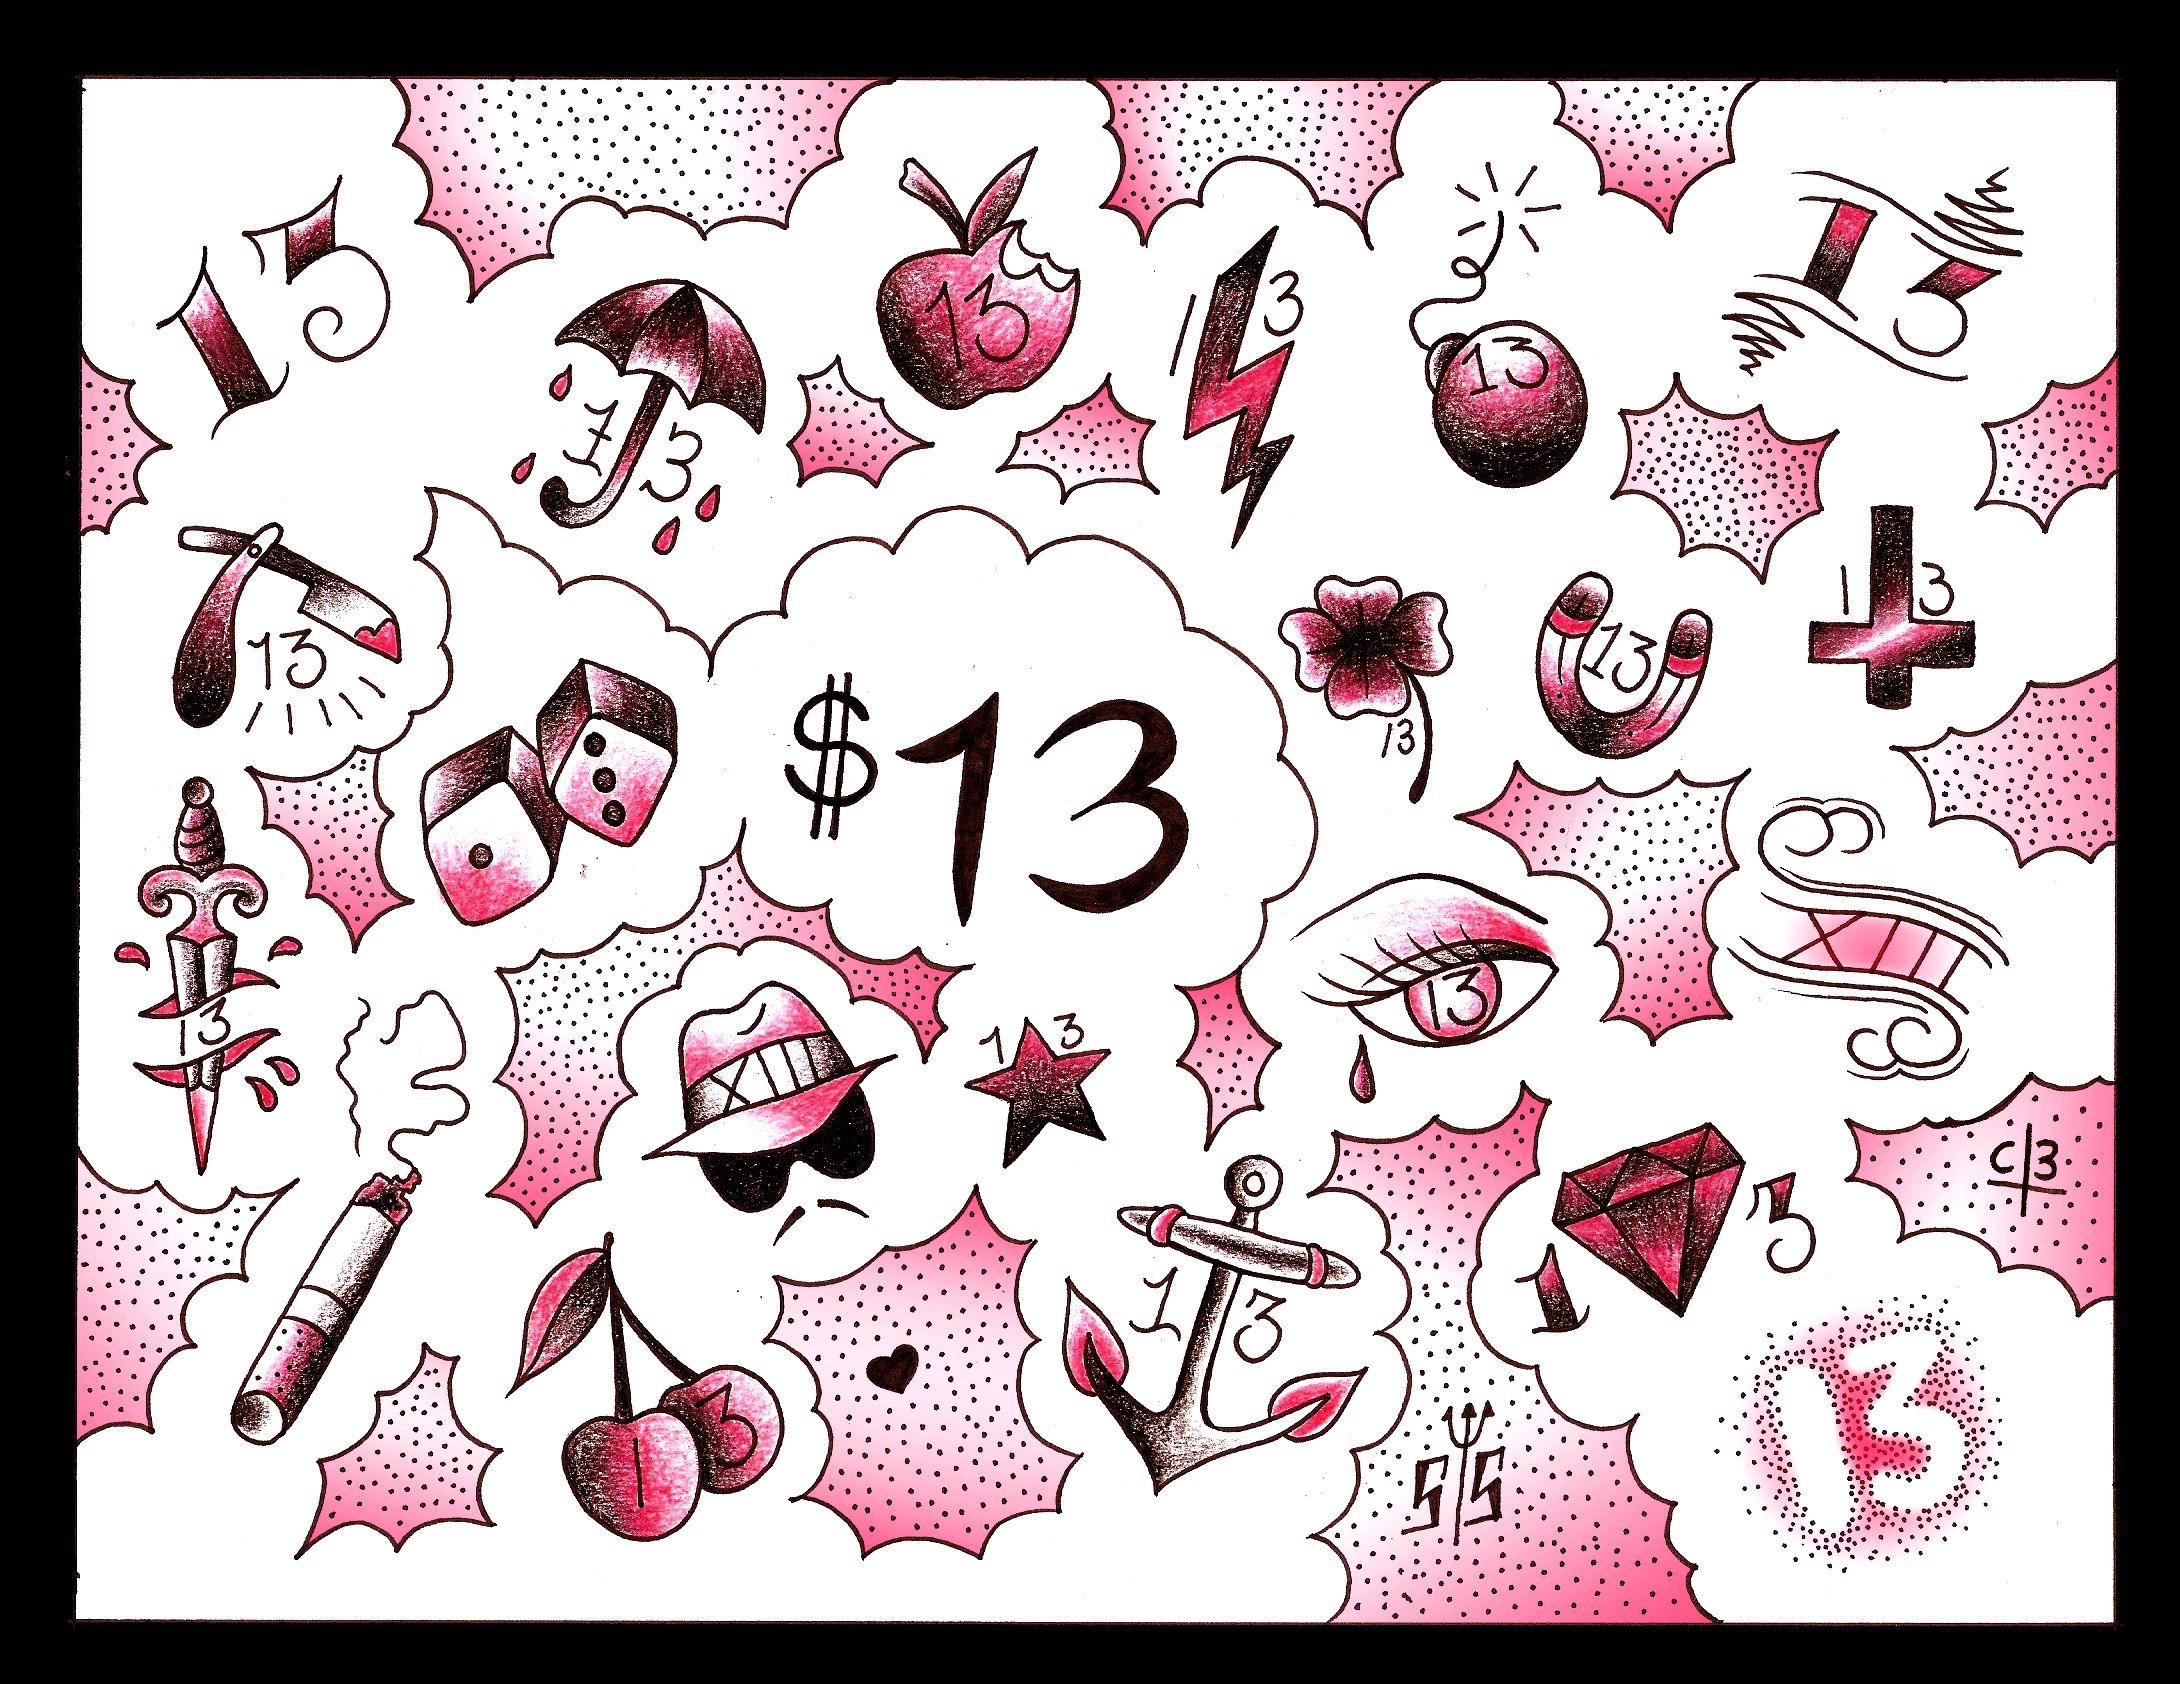 Friday 13th Tattoo Ideas: Friday13flash.jpg (2180×1684)